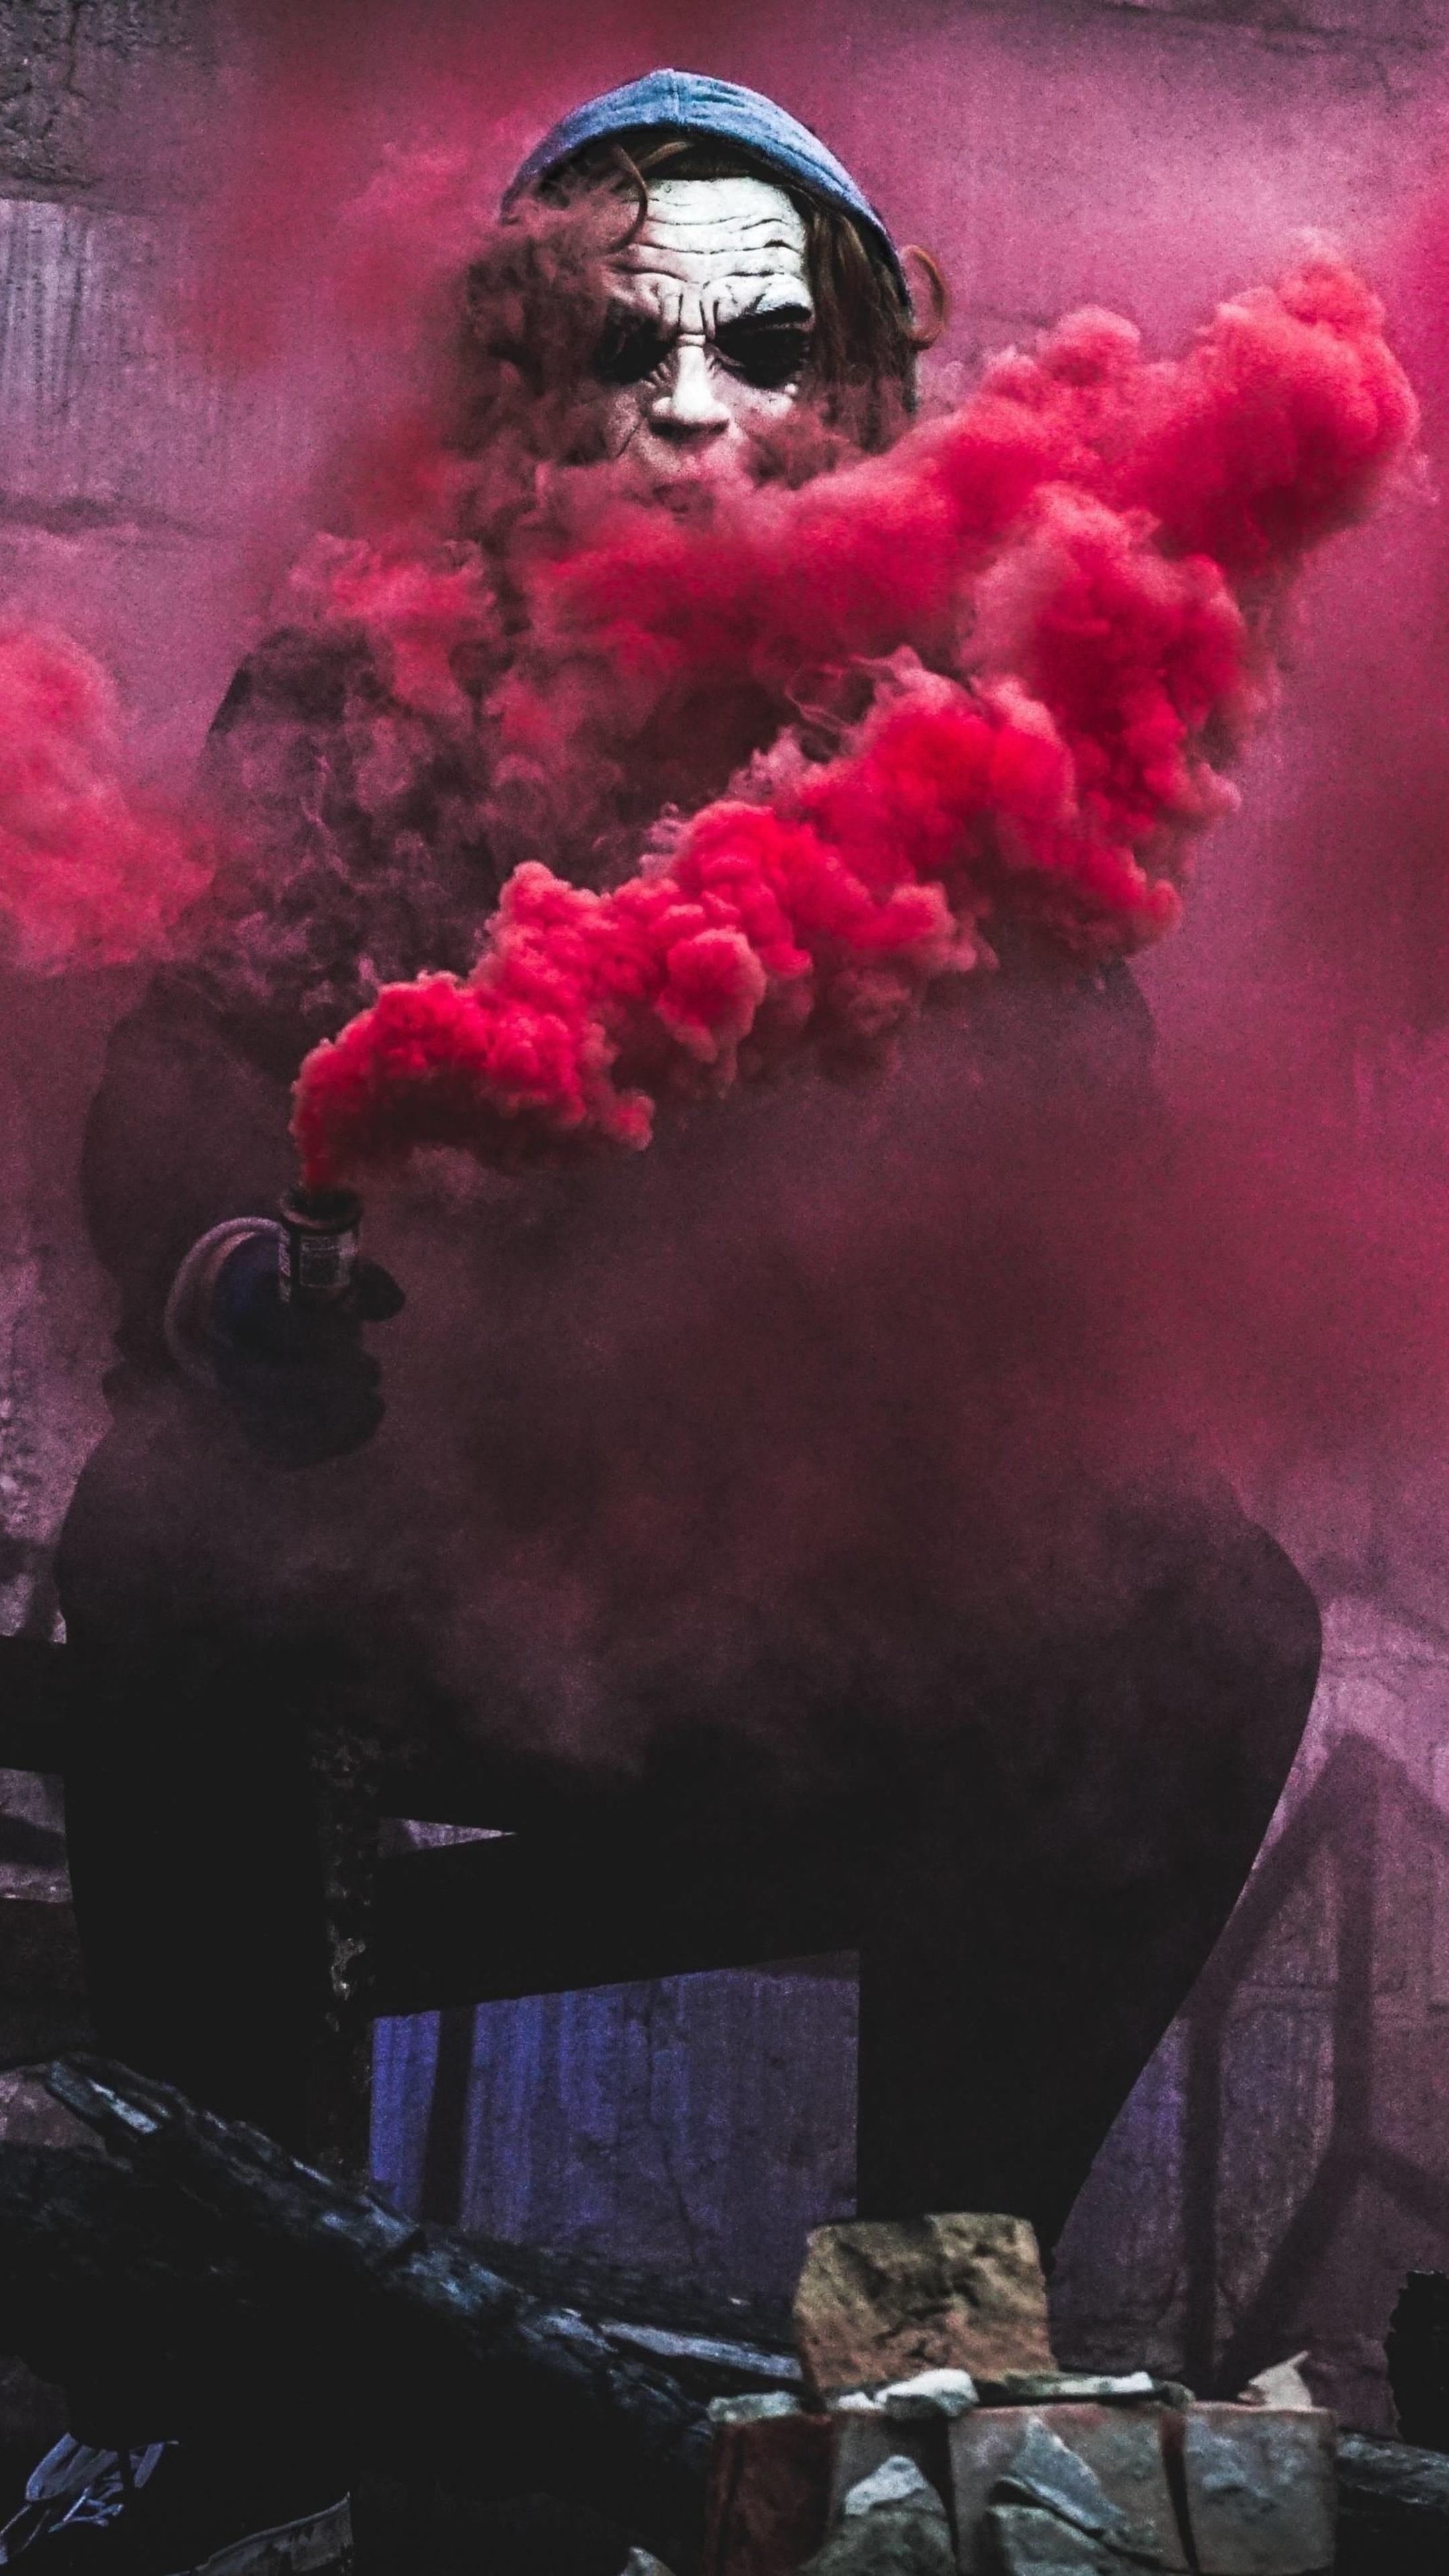 2160x3840 Red Smoke By Joker Sony Xperia X,XZ,Z5 Premium ...